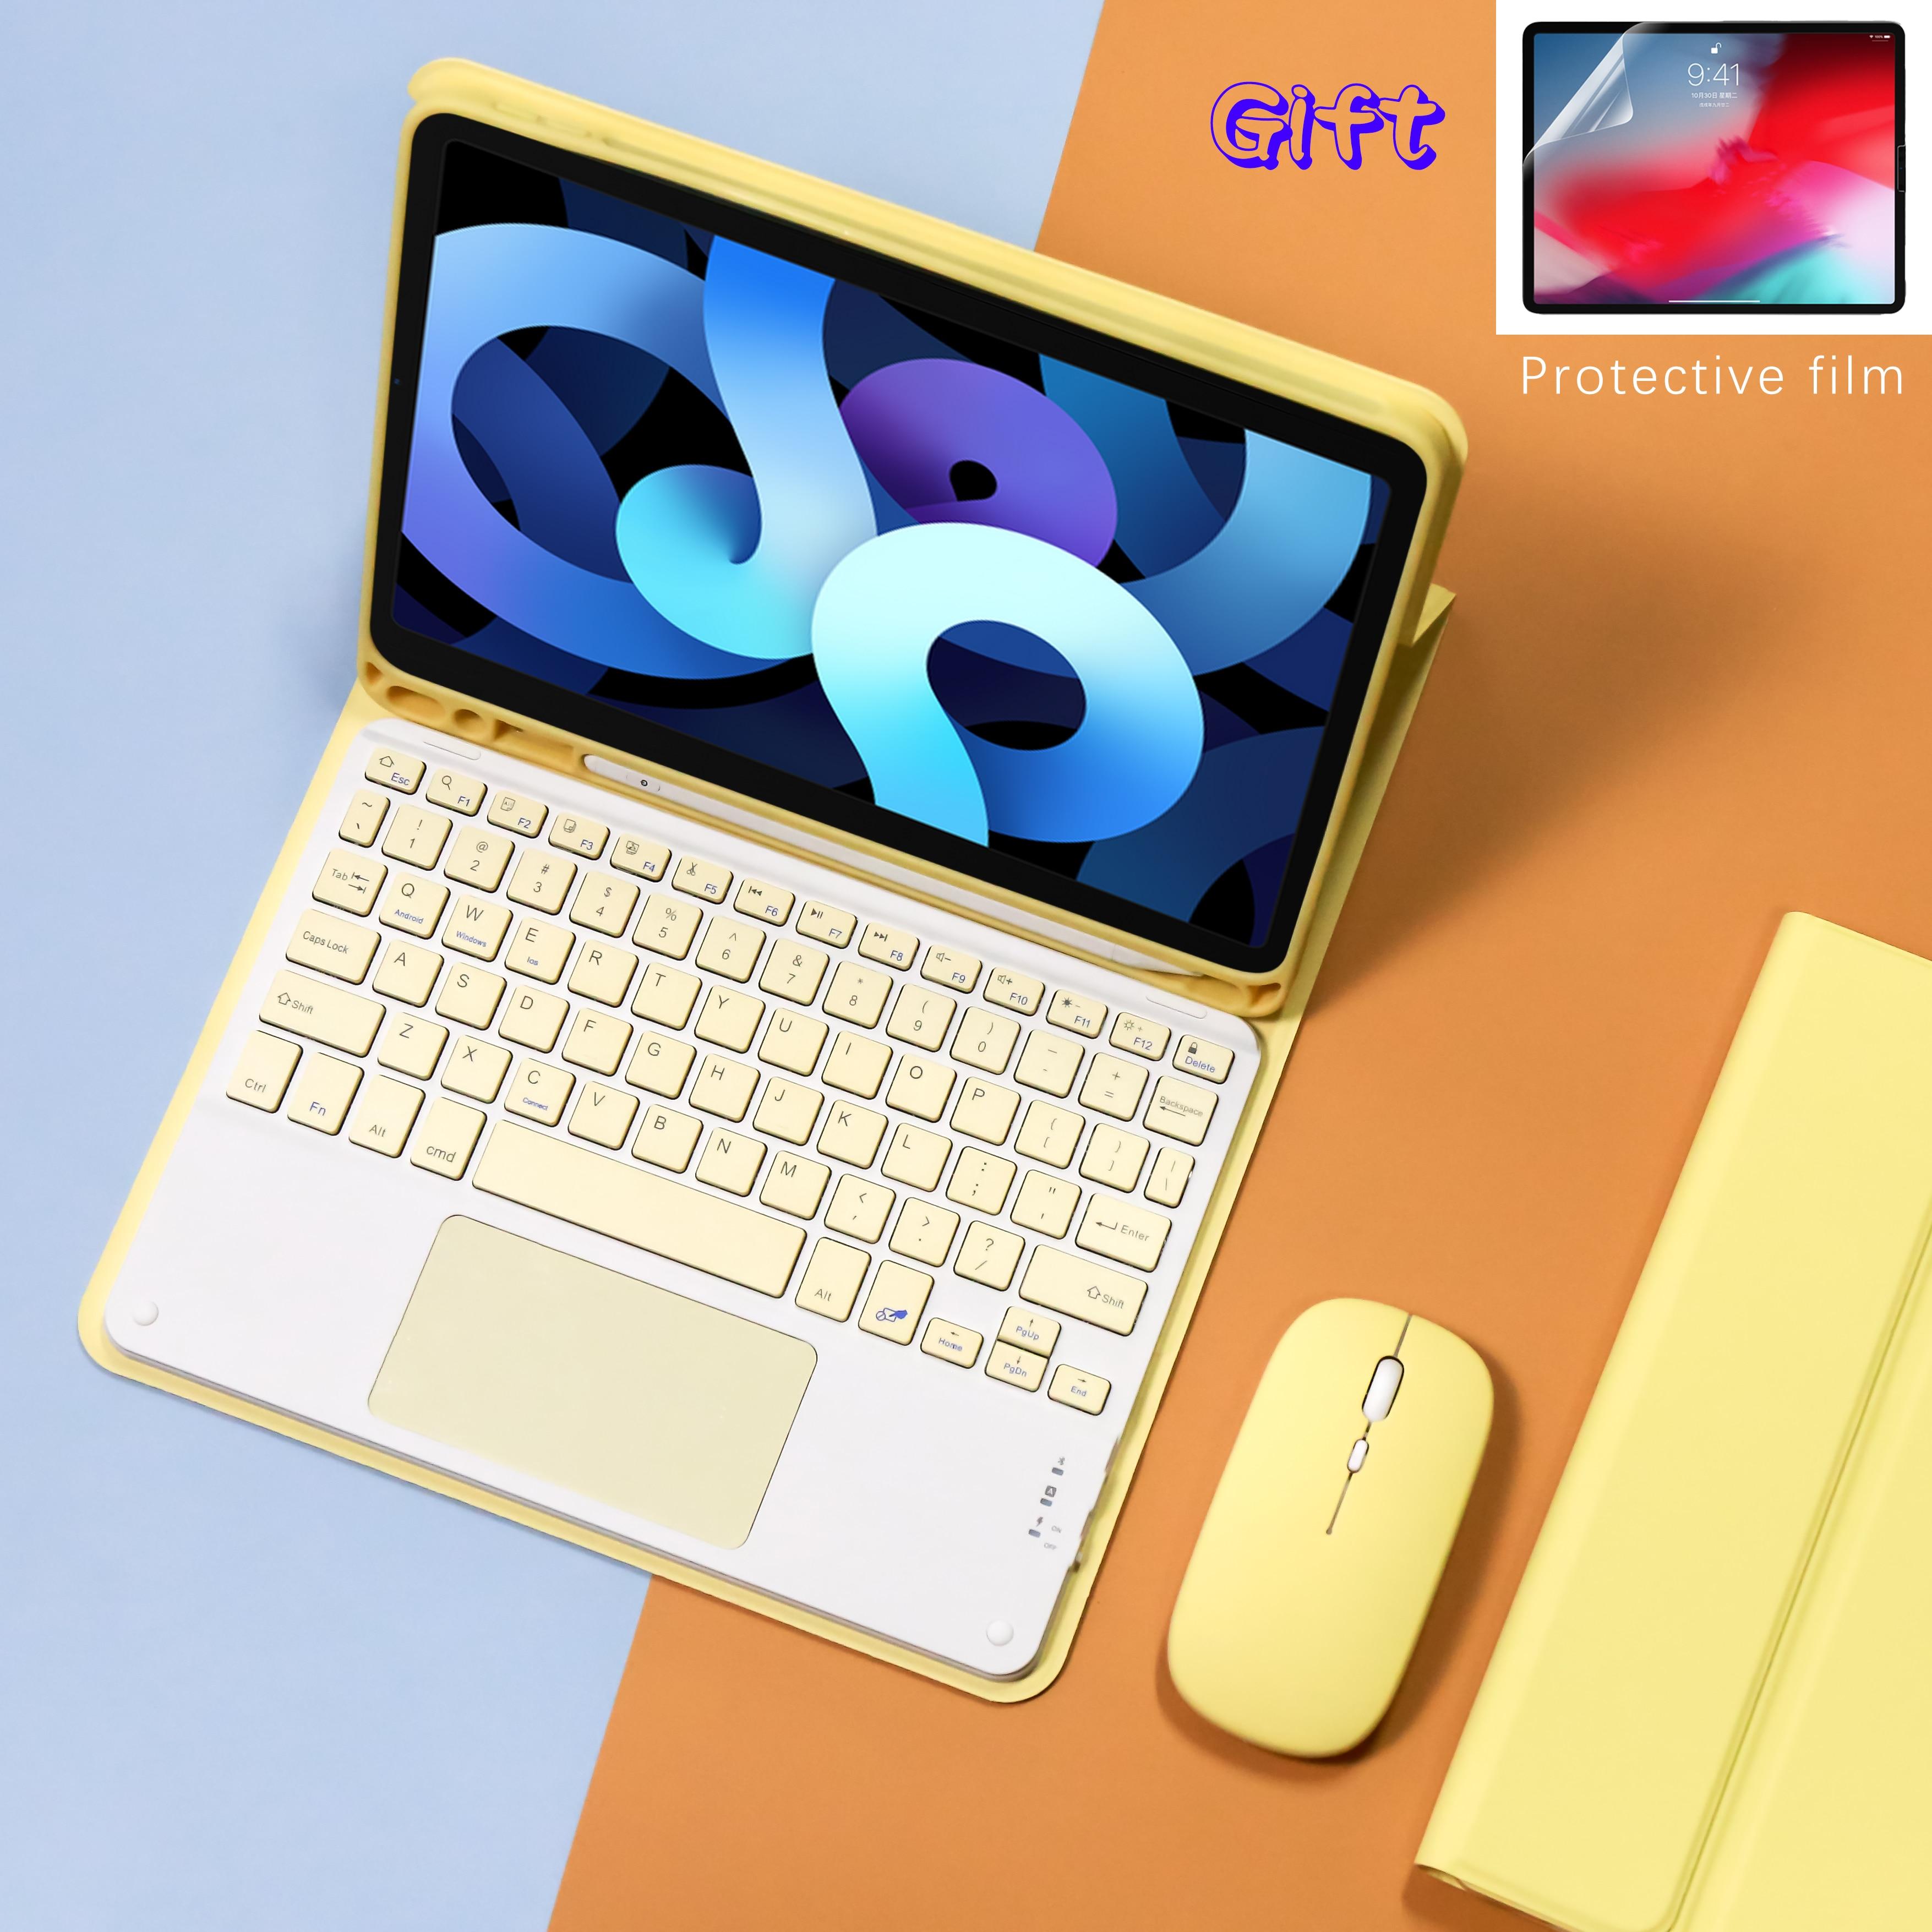 لوحة المفاتيح ماوس لاسلكي ماجيك لباد برو 11 Case 2021 2020 Air 4 10.2 7th 8th 5 6th جيل الهواء 3 الهواء 2 بلوتوث لوحة المفاتيح